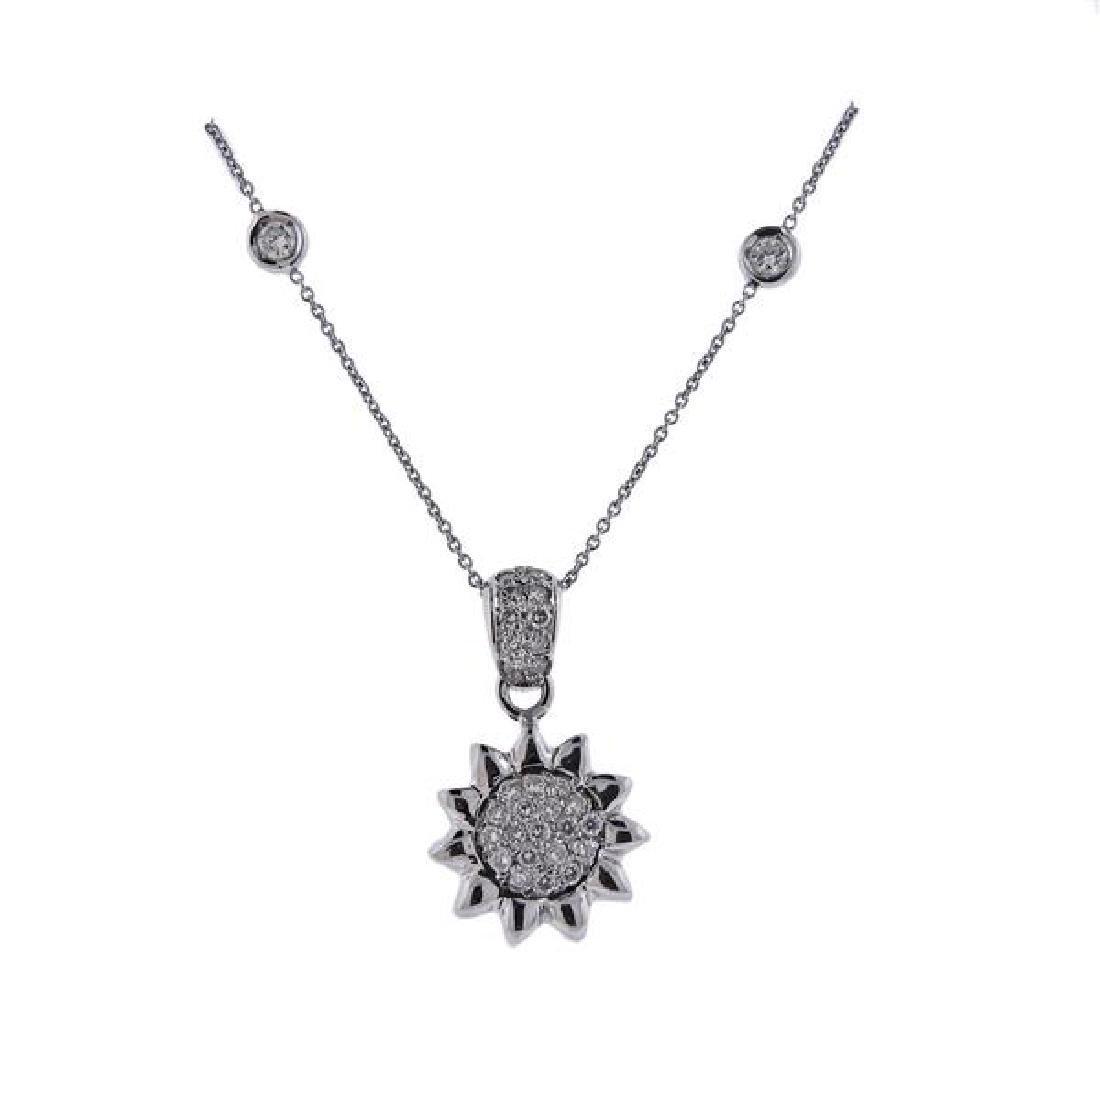 Roberto Coin 18K Gold Diamond Sun Pendant Necklace